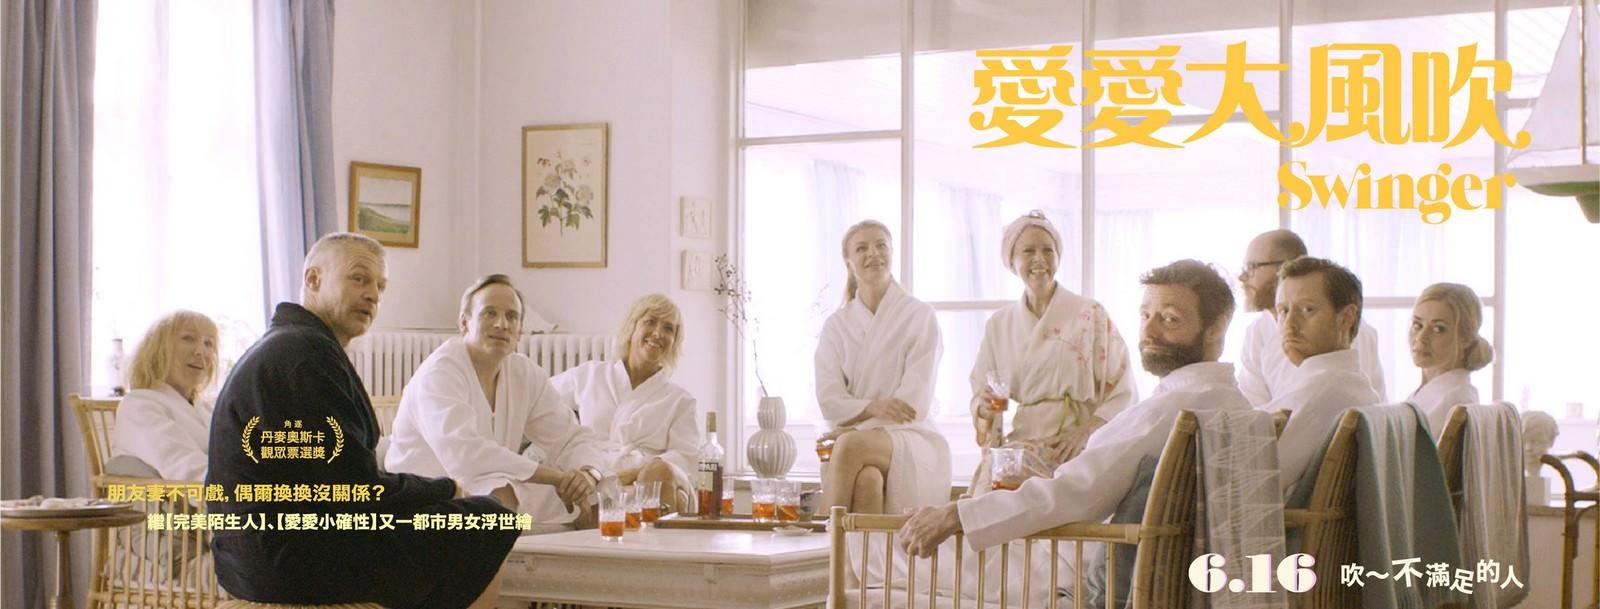 Movie, Swinger(丹麥, 2016年) / 愛愛大風吹(台灣) / 换爱大冒险(網路), 電影海報, 台灣, 橫版